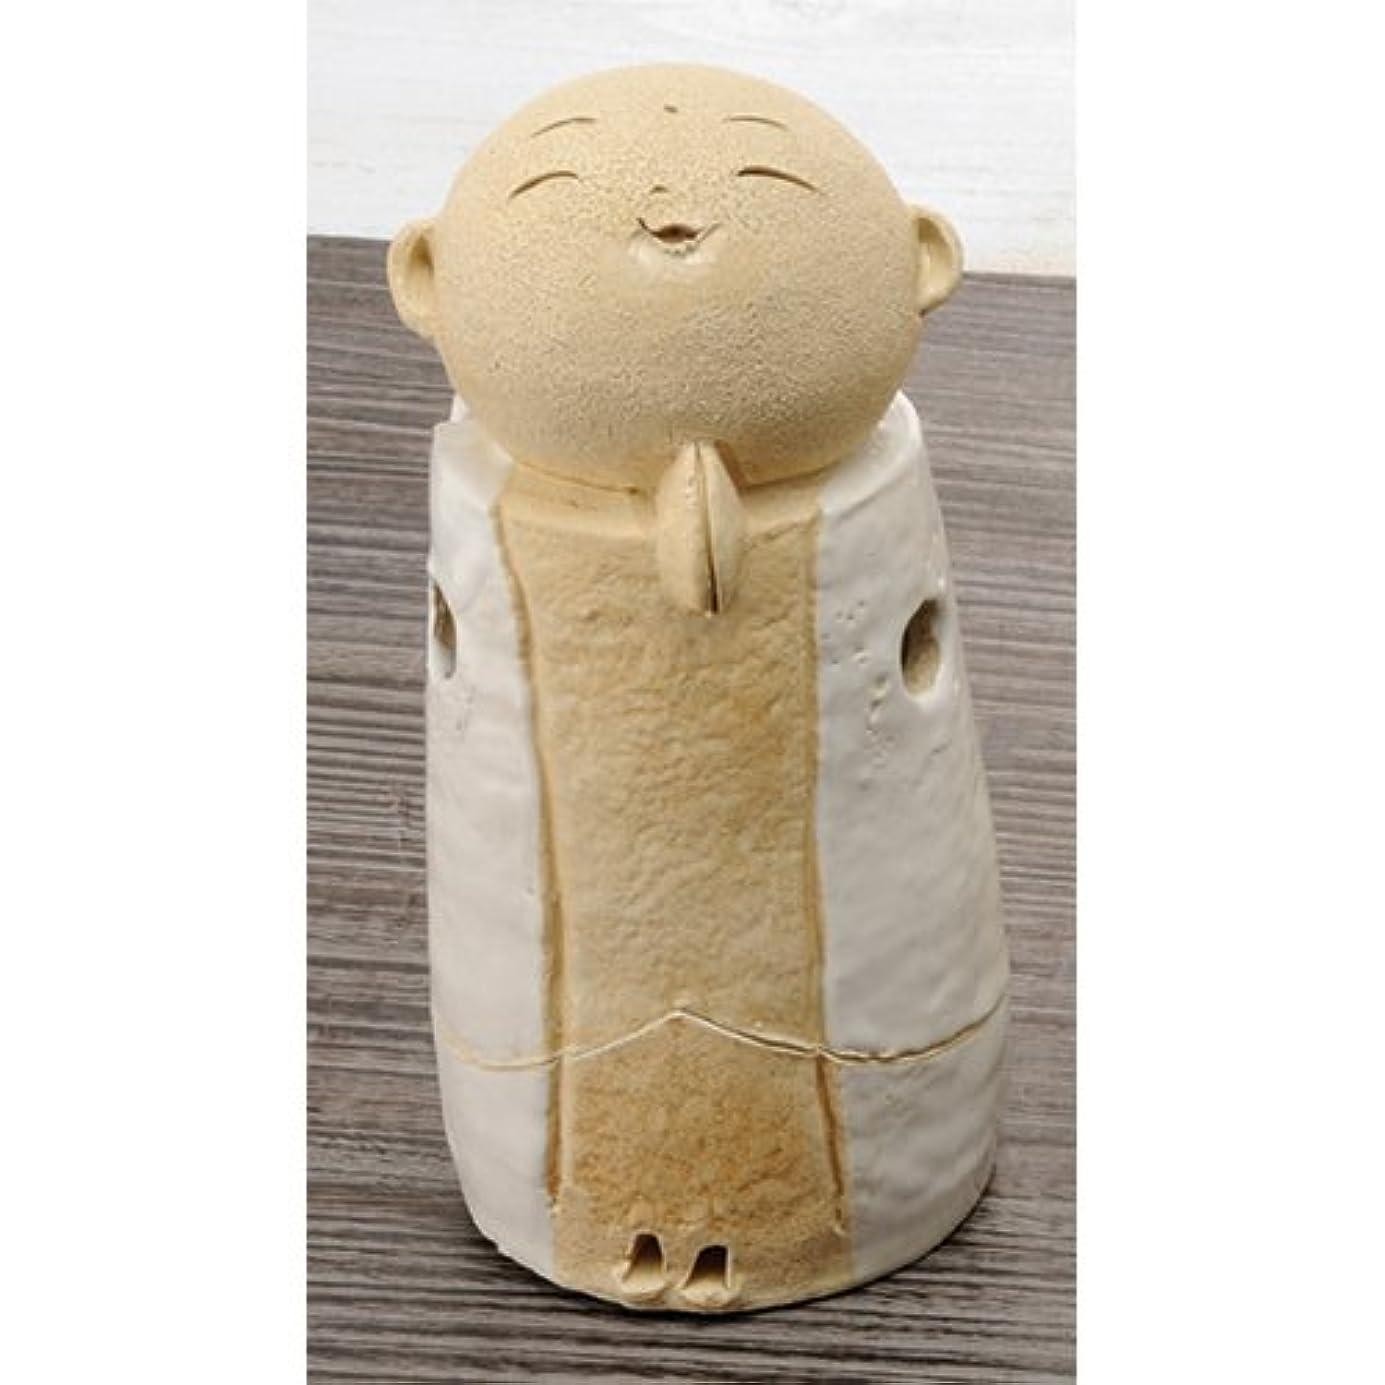 衣類パニックぐったりお地蔵様 香炉シリーズ 白 お地蔵様 香炉 5.3寸(大) [H15.5cm] HANDMADE プレゼント ギフト 和食器 かわいい インテリア